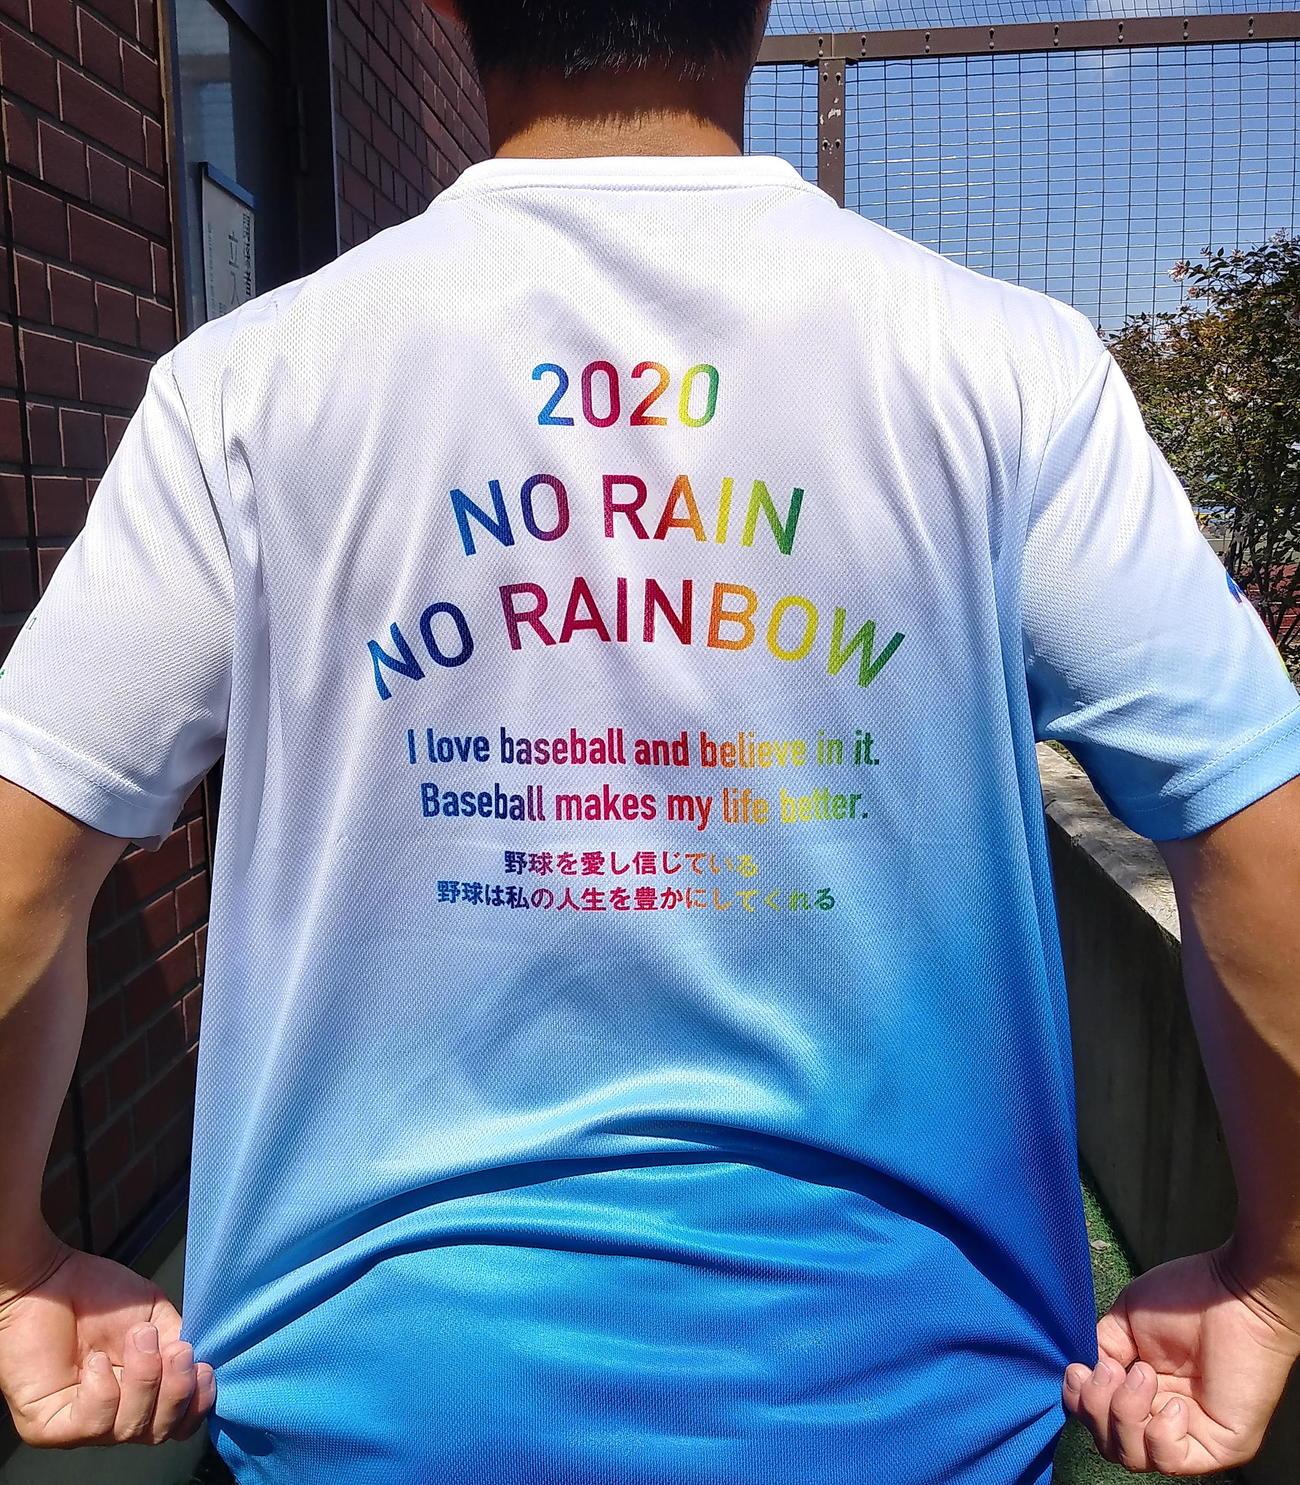 レインボーカラーでデザインされたTシャツの背中部分(撮影・鎌田直秀)